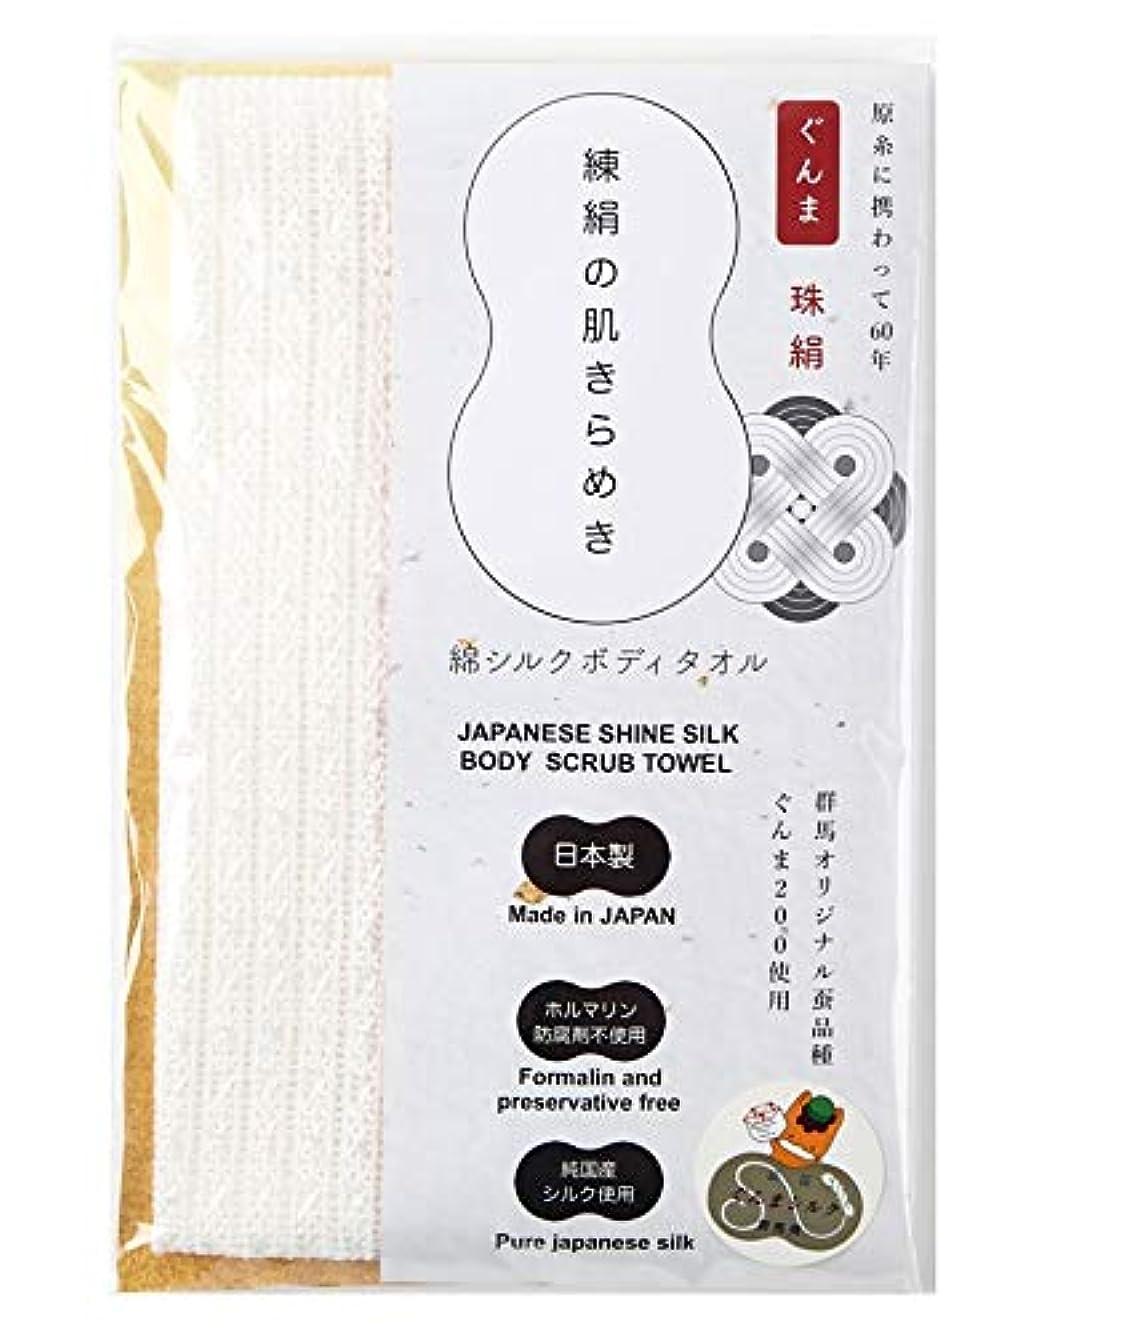 警戒討論どっちでもくーる&ほっと 珠絹(たまぎぬ) 練絹の肌きらめき 純国産絹(ぐんまシルク)使用 日本製 綿シルクボディタオル